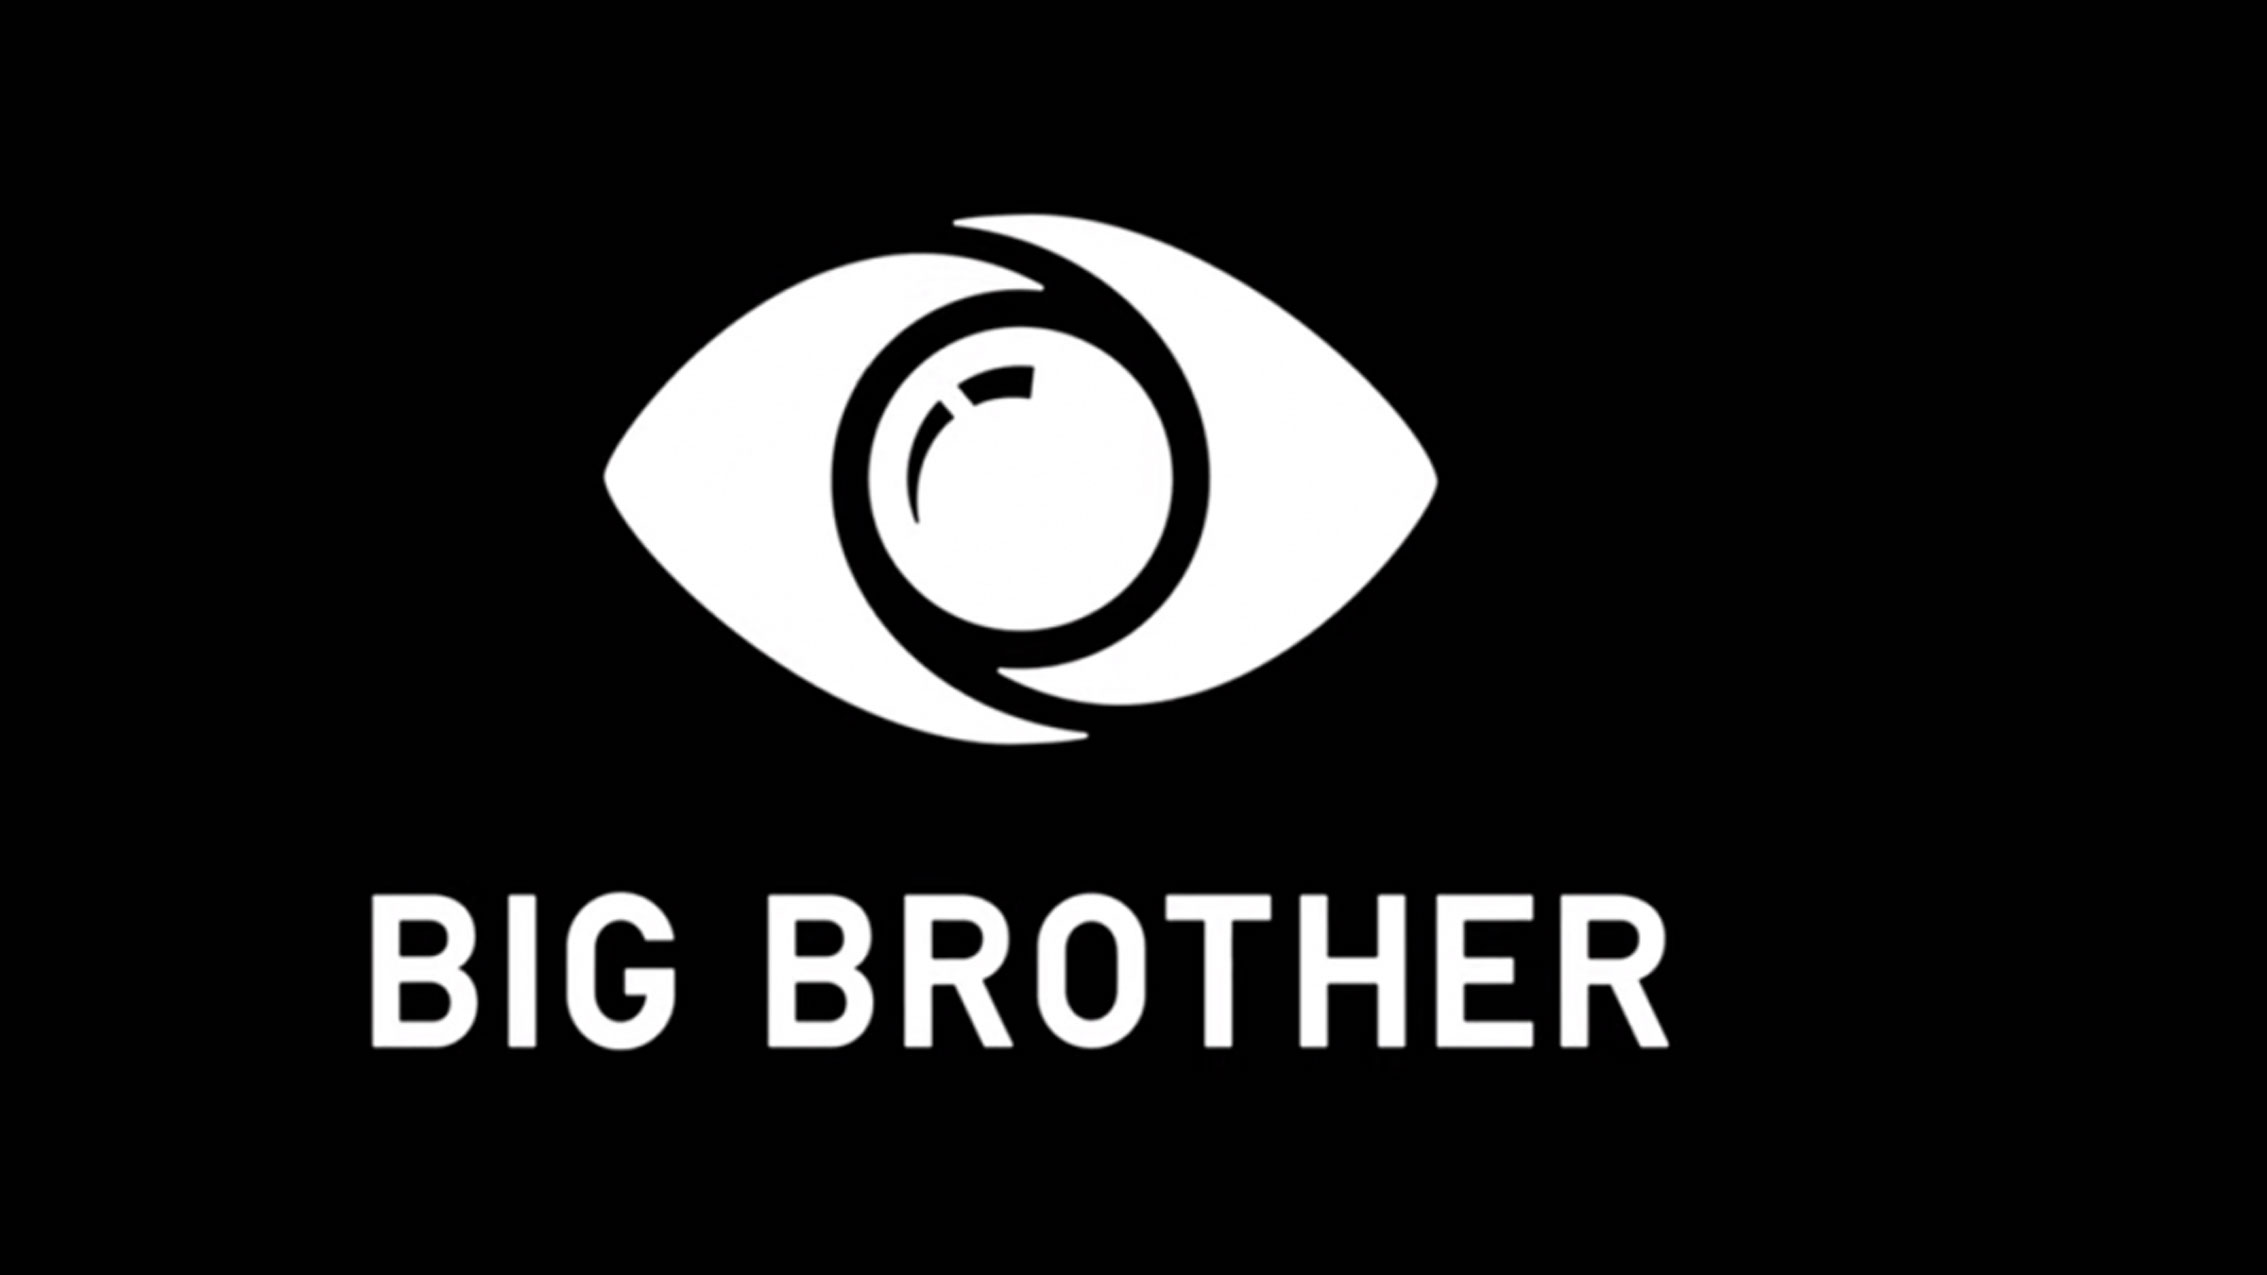 Χαμός για την καραντίνα του Big Brother! Καινούργιες αλλαγές στο ριάλιτι